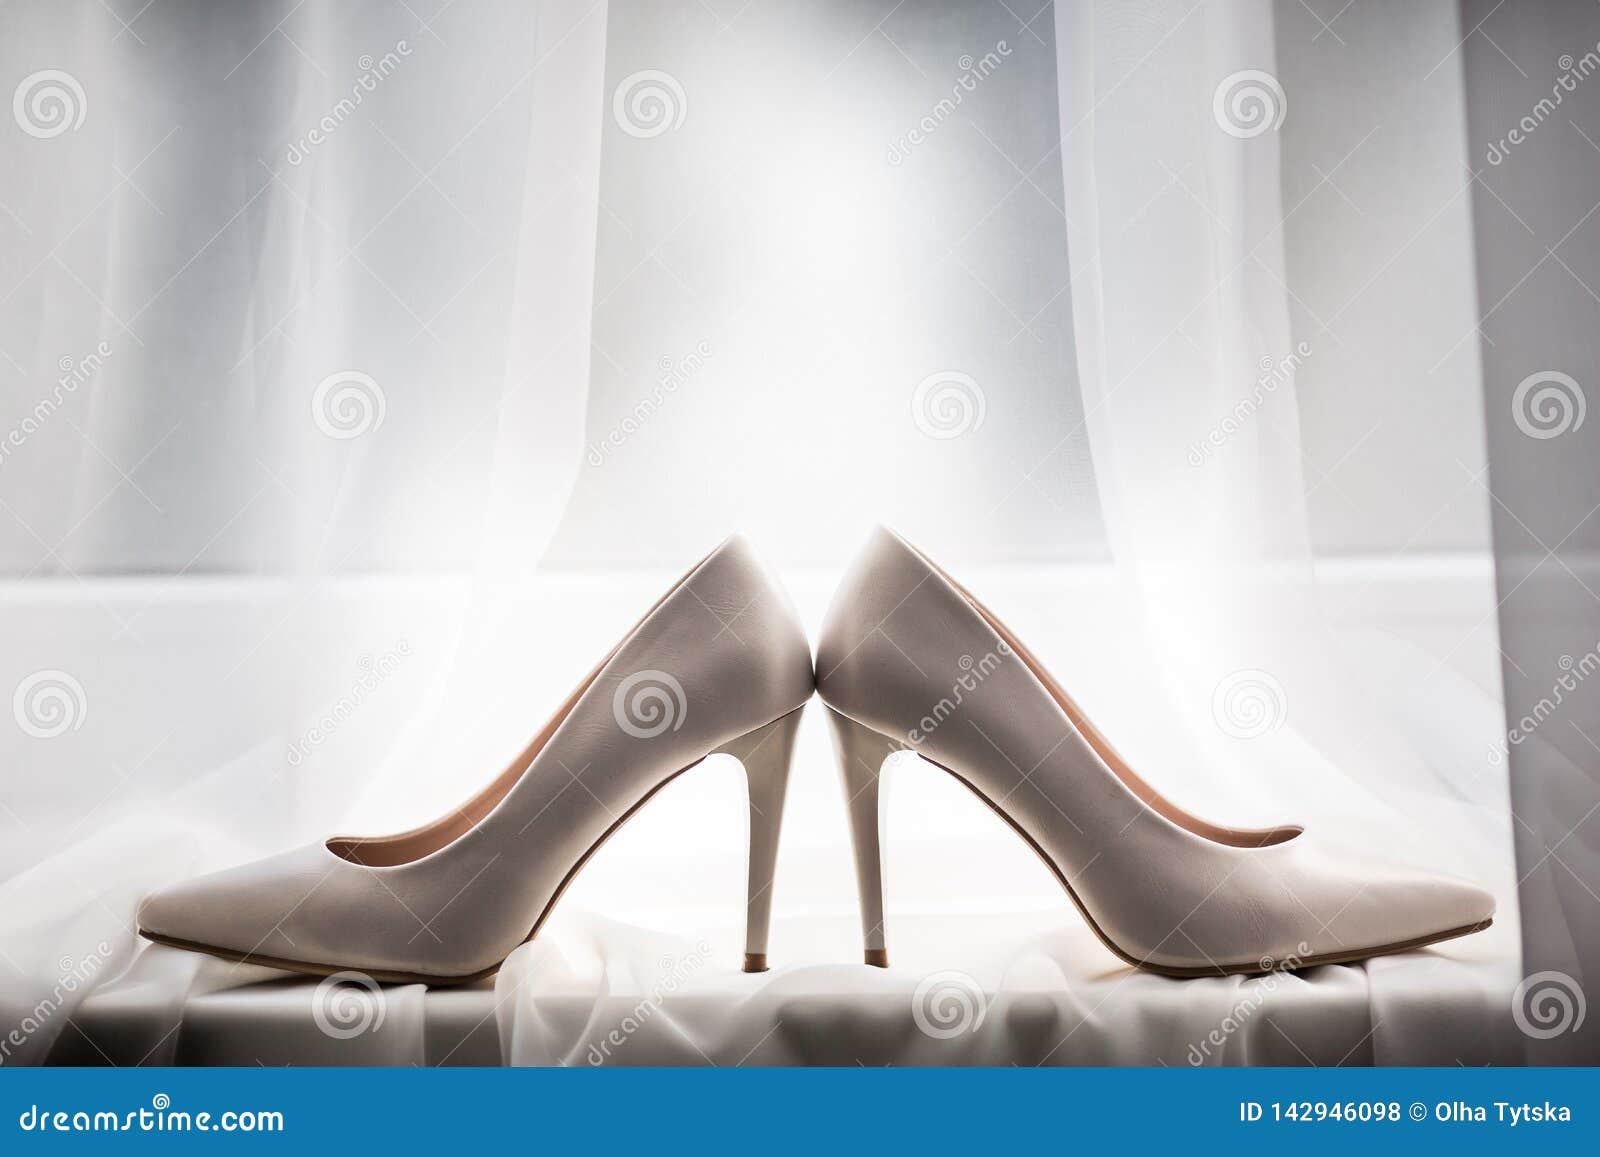 Ζευγάρι άσπρα παπούτσια, που βρίσκεται στο windowsill